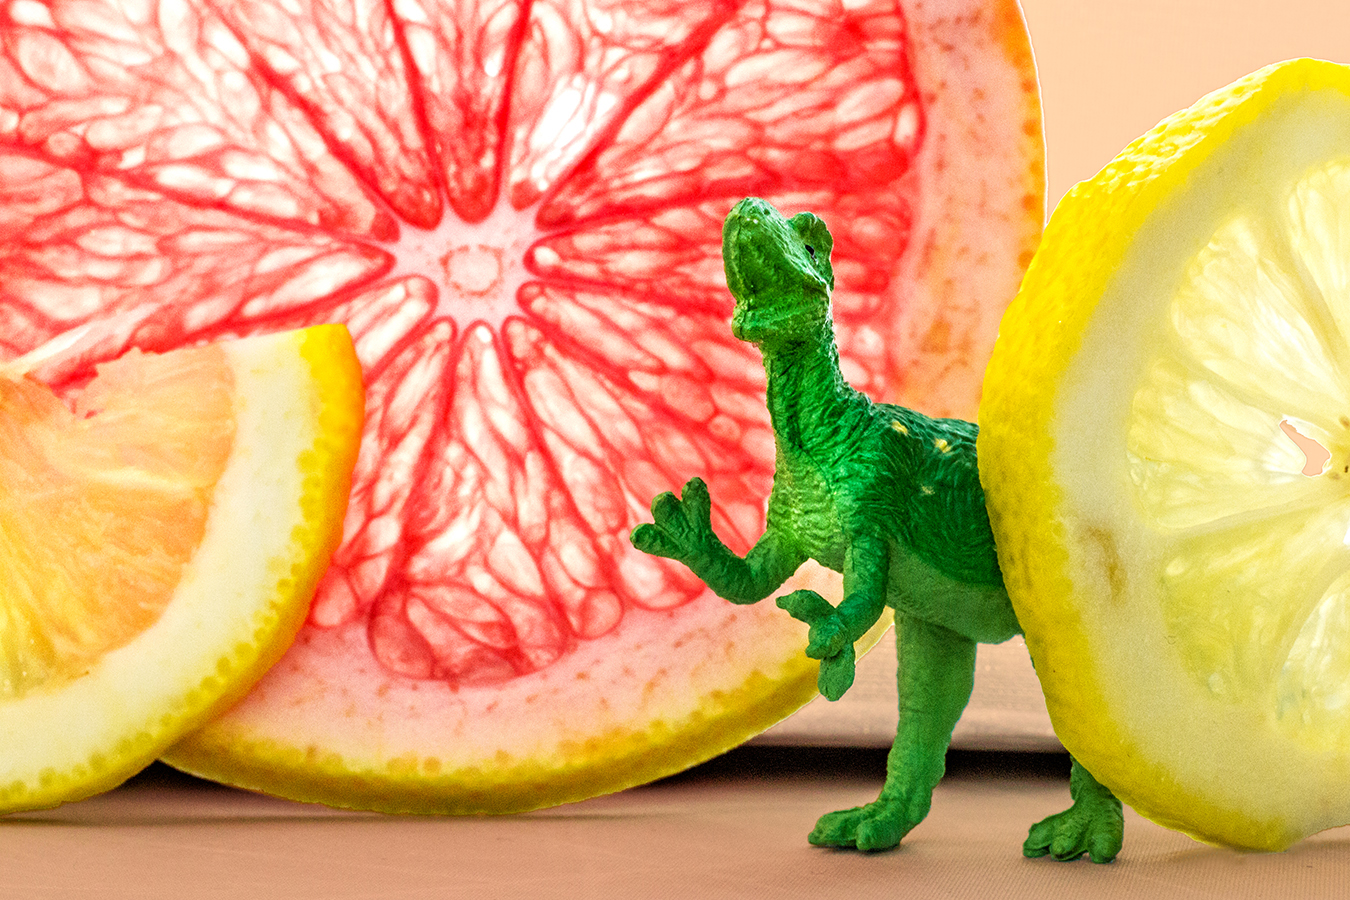 Victoria_Meng_Project2_Dinosaur_Orange_Lemon_Grapefruit_Marco_Colorful_Citrus_TRex_Roar_1